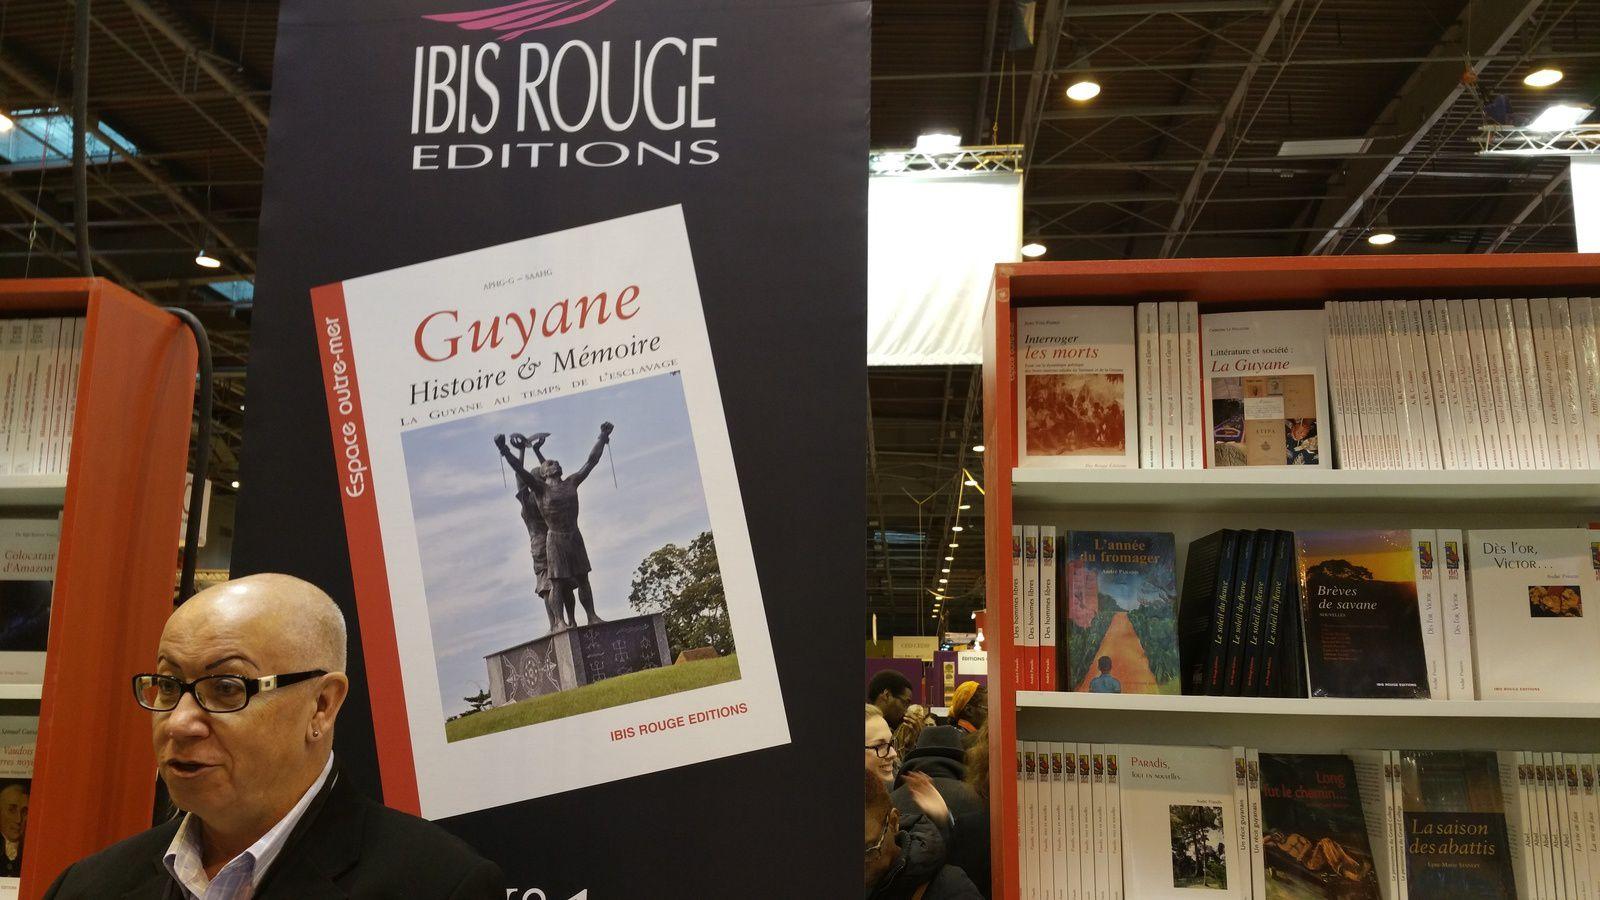 Salon du livre à Paris 2015 : le centenaire de Joseph ZOBEL et l'exemplarité d'Antoine KOMBOUARE, par Amadou Bal BA - http://baamadou.over-blog.fr/